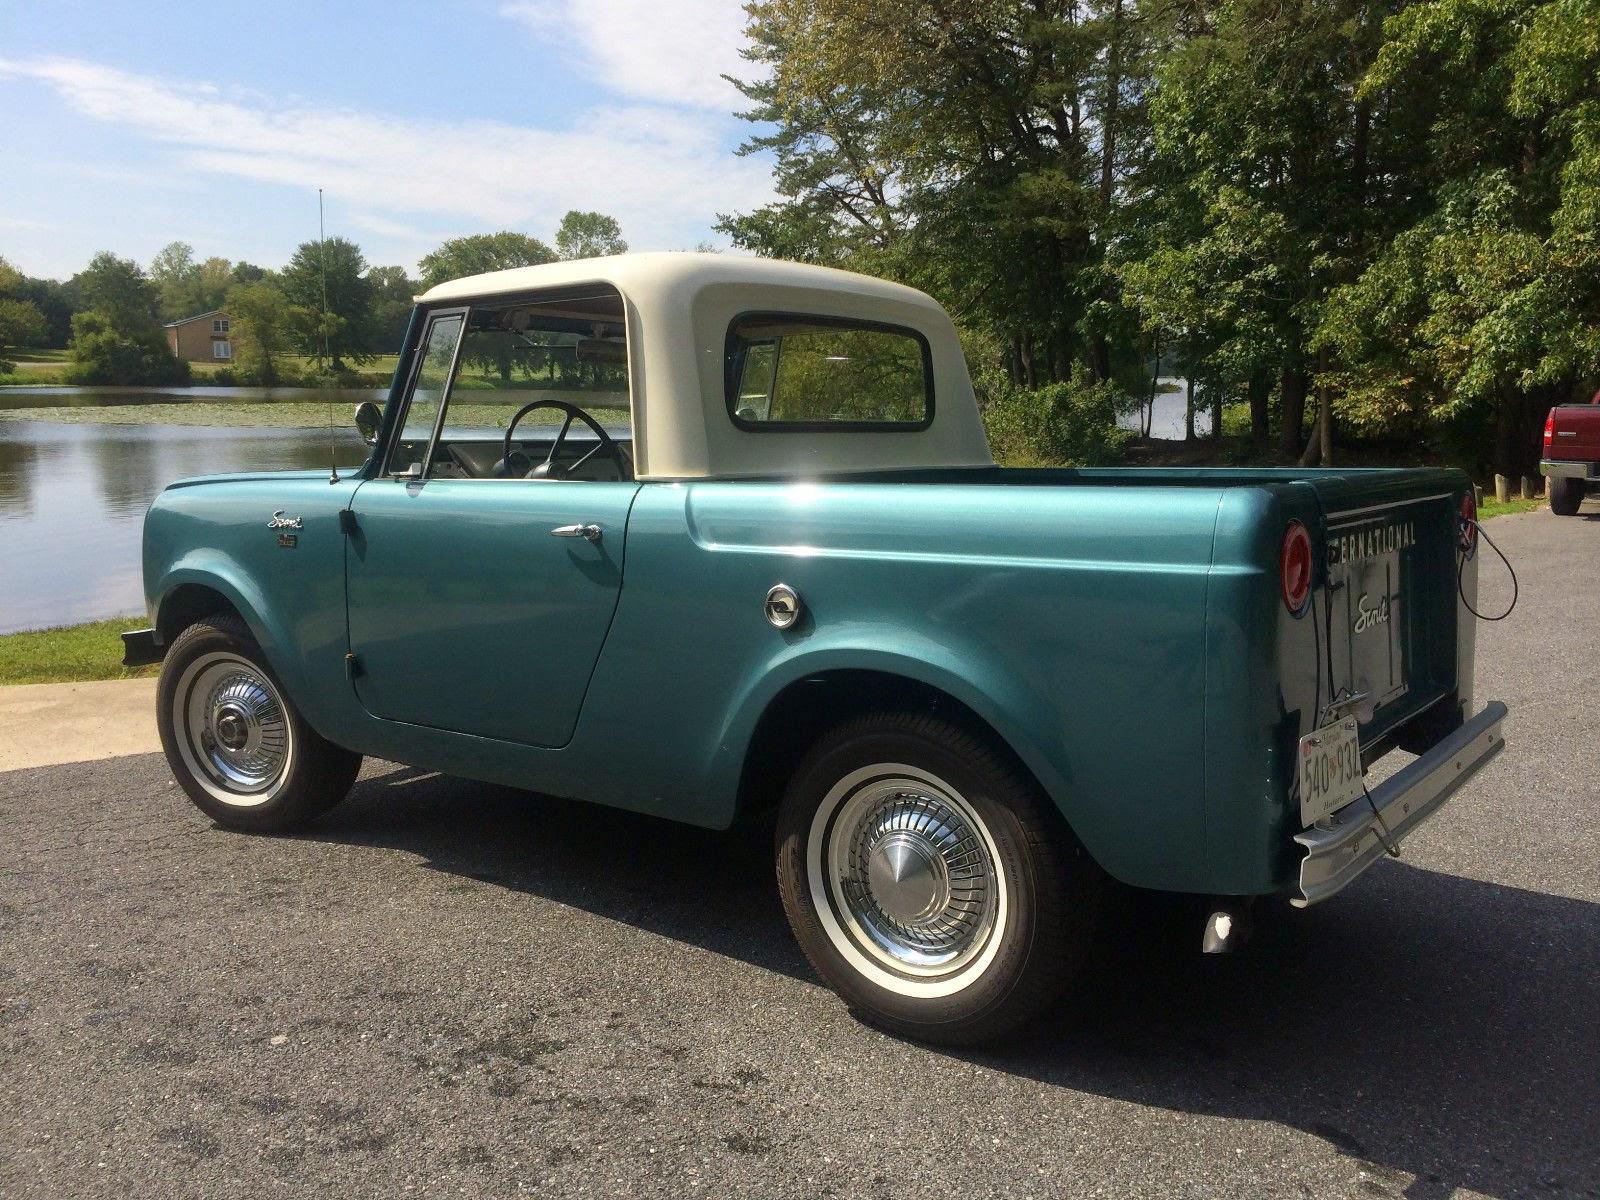 1965 International Scout 80 4x4 Pickup Truck | Auto